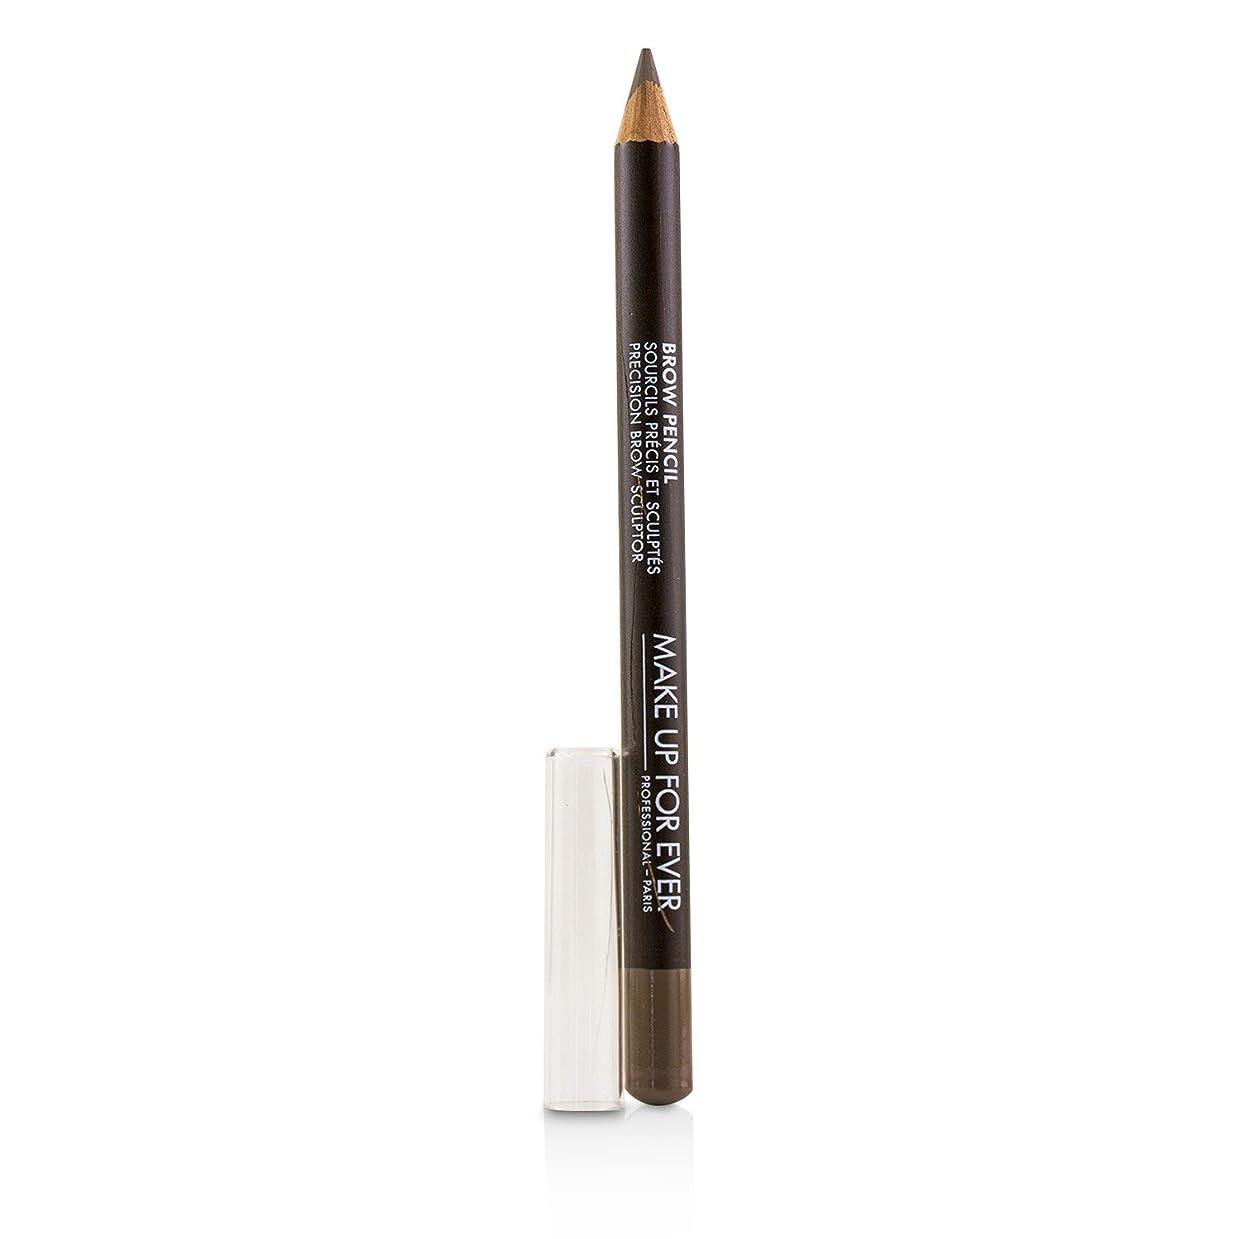 つなぐ飾るブルメイクアップフォーエバー Brow Pencil Precision Brow Sculptor - # N20 (Blond) 1.79g/0.06oz並行輸入品